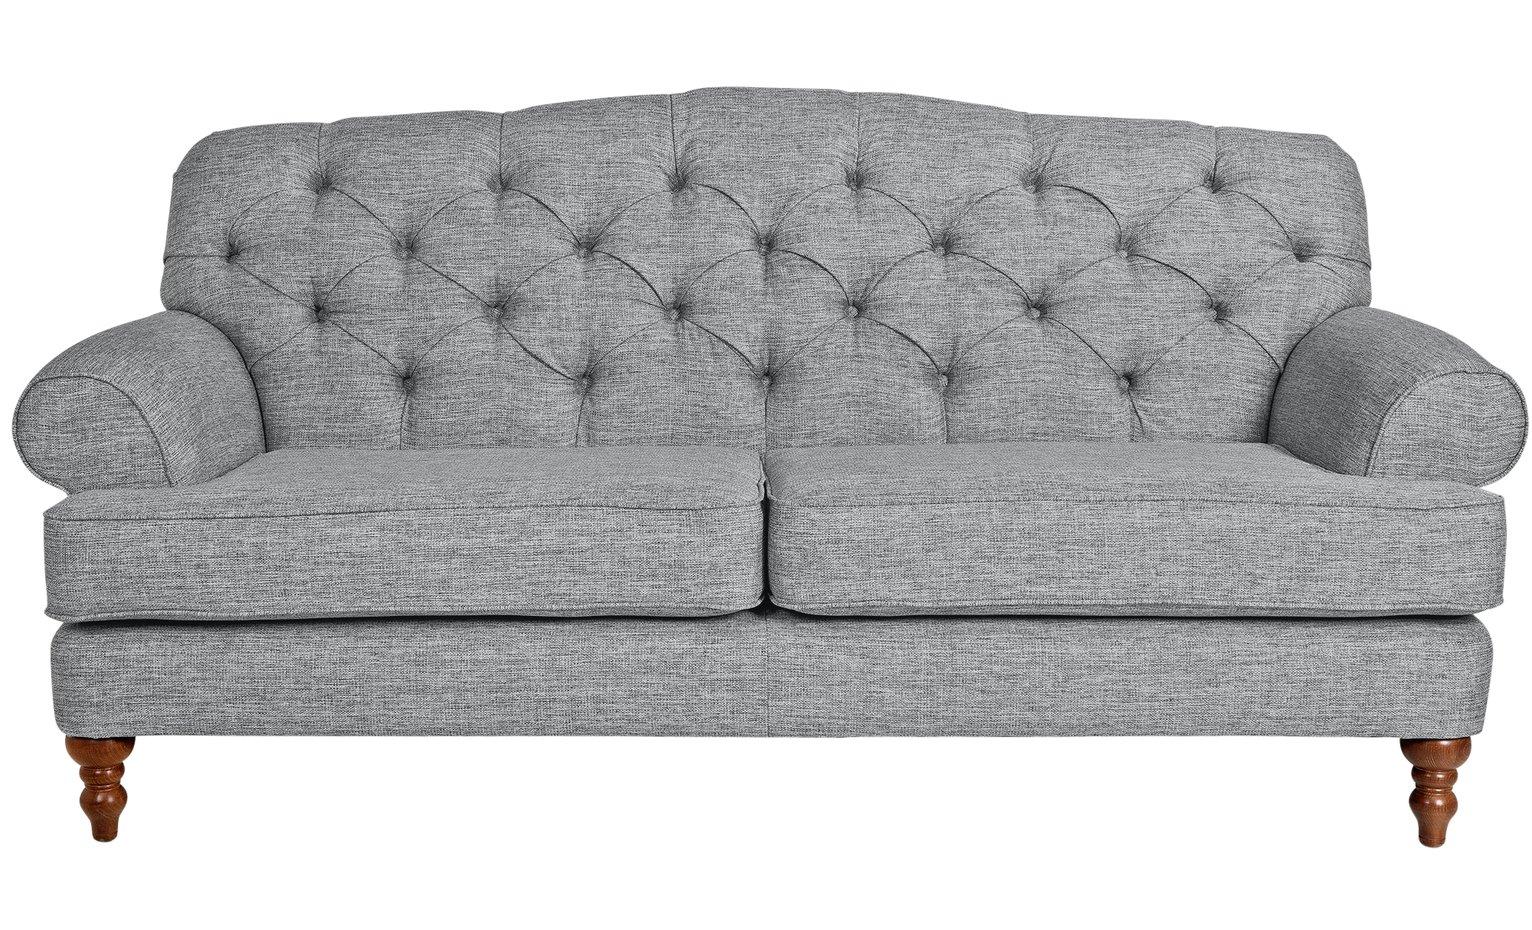 Argos Home Valerie 3 Seater Fabric Sofa – Grey £800.00 @ Argos